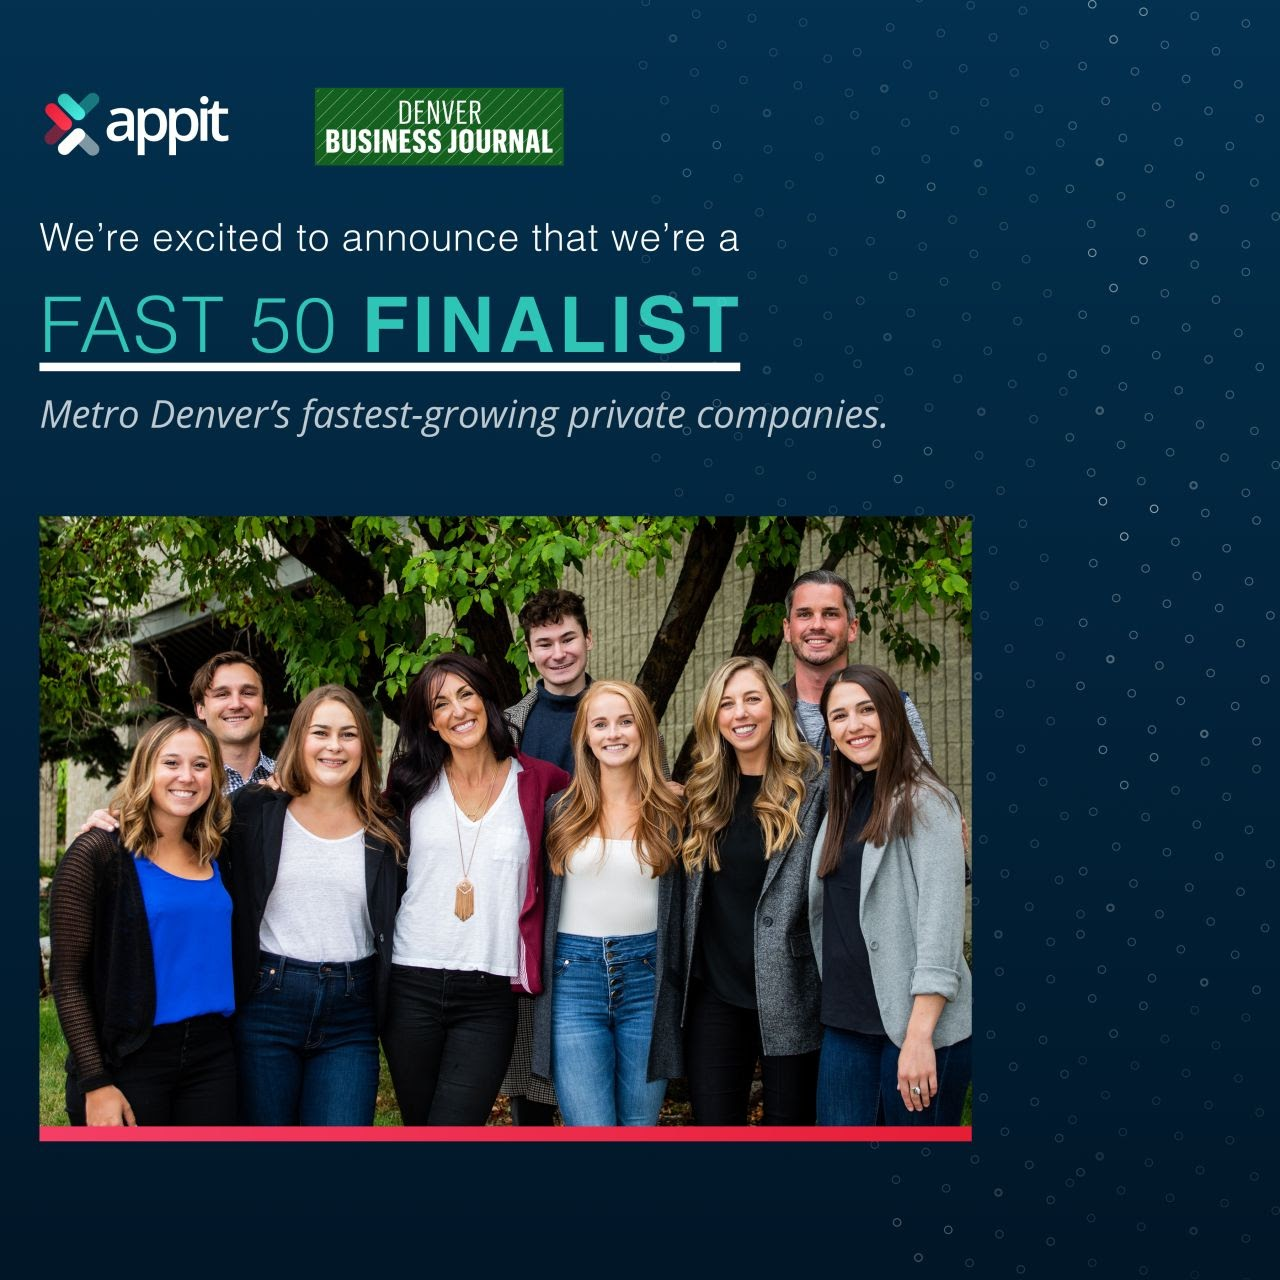 appit-ventures-fast-50-finalist